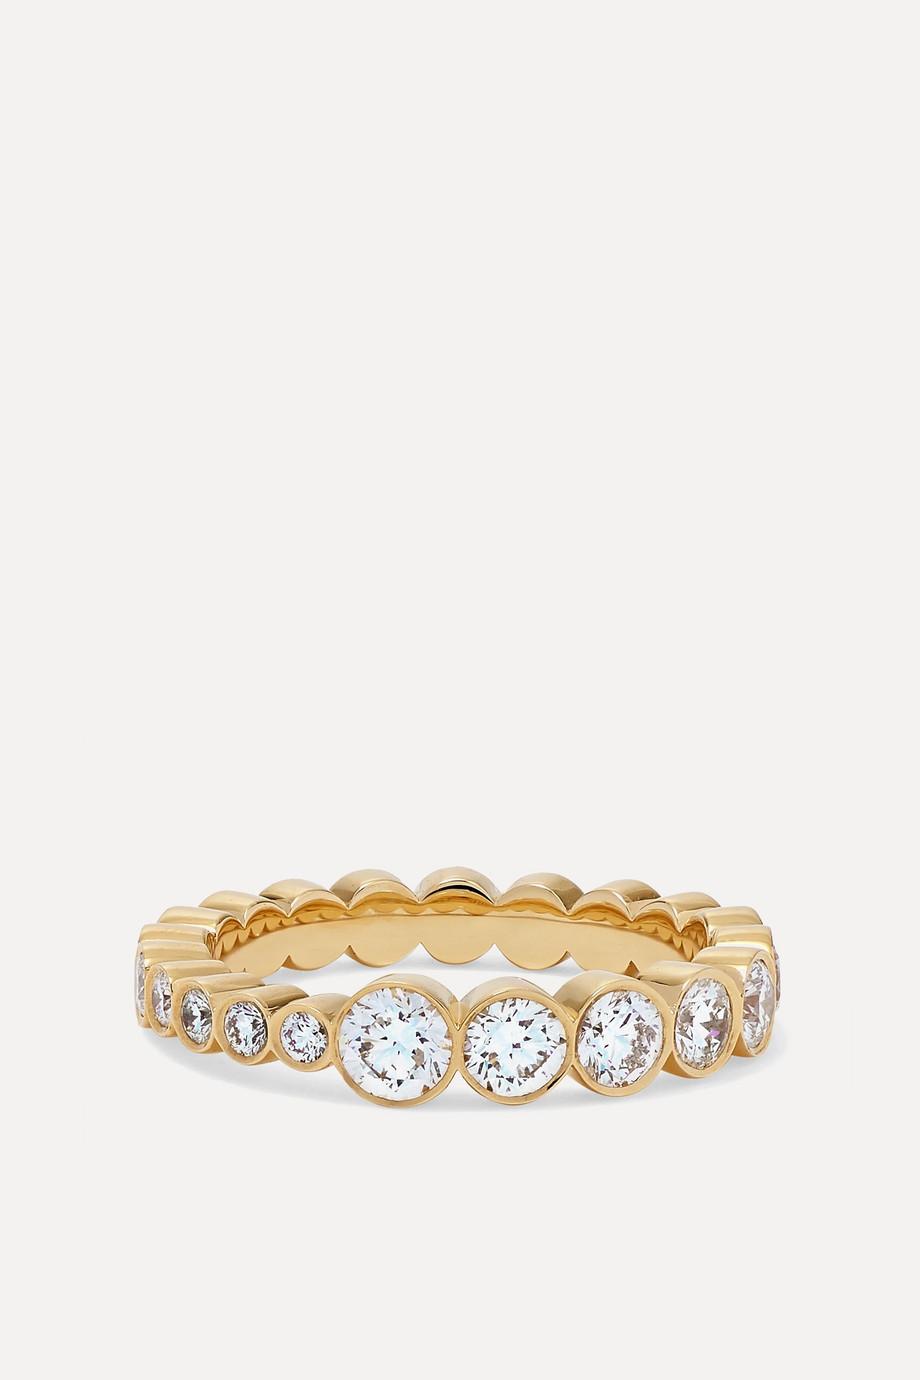 Sophie Bille Brahe Bague en or 18 carats et diamants Croissant de Ensemble